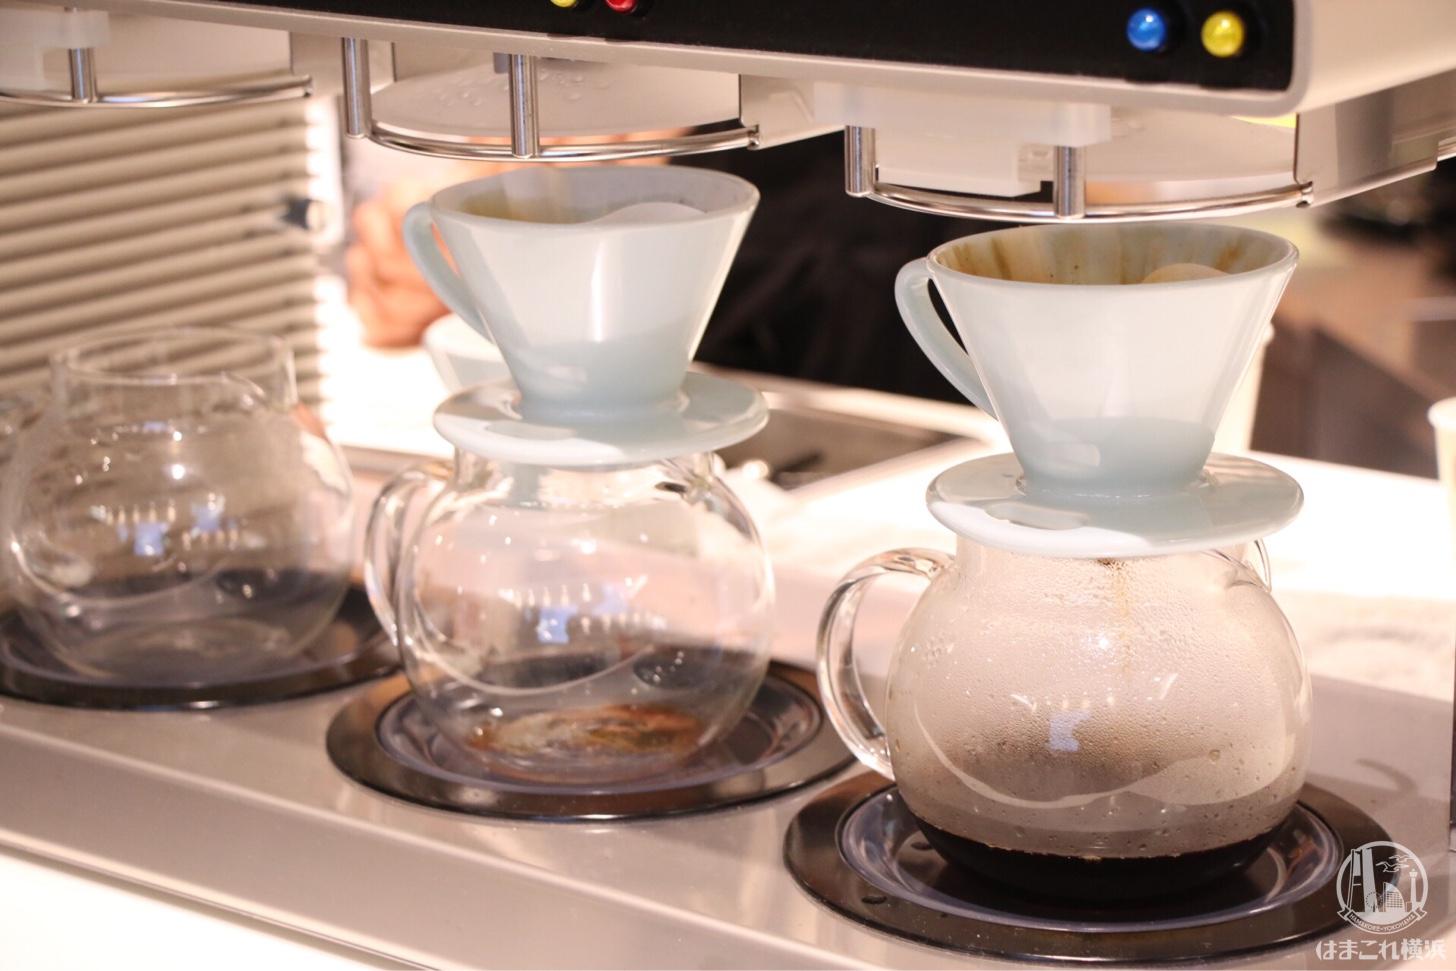 横浜市をイメージしたブレンドコーヒー